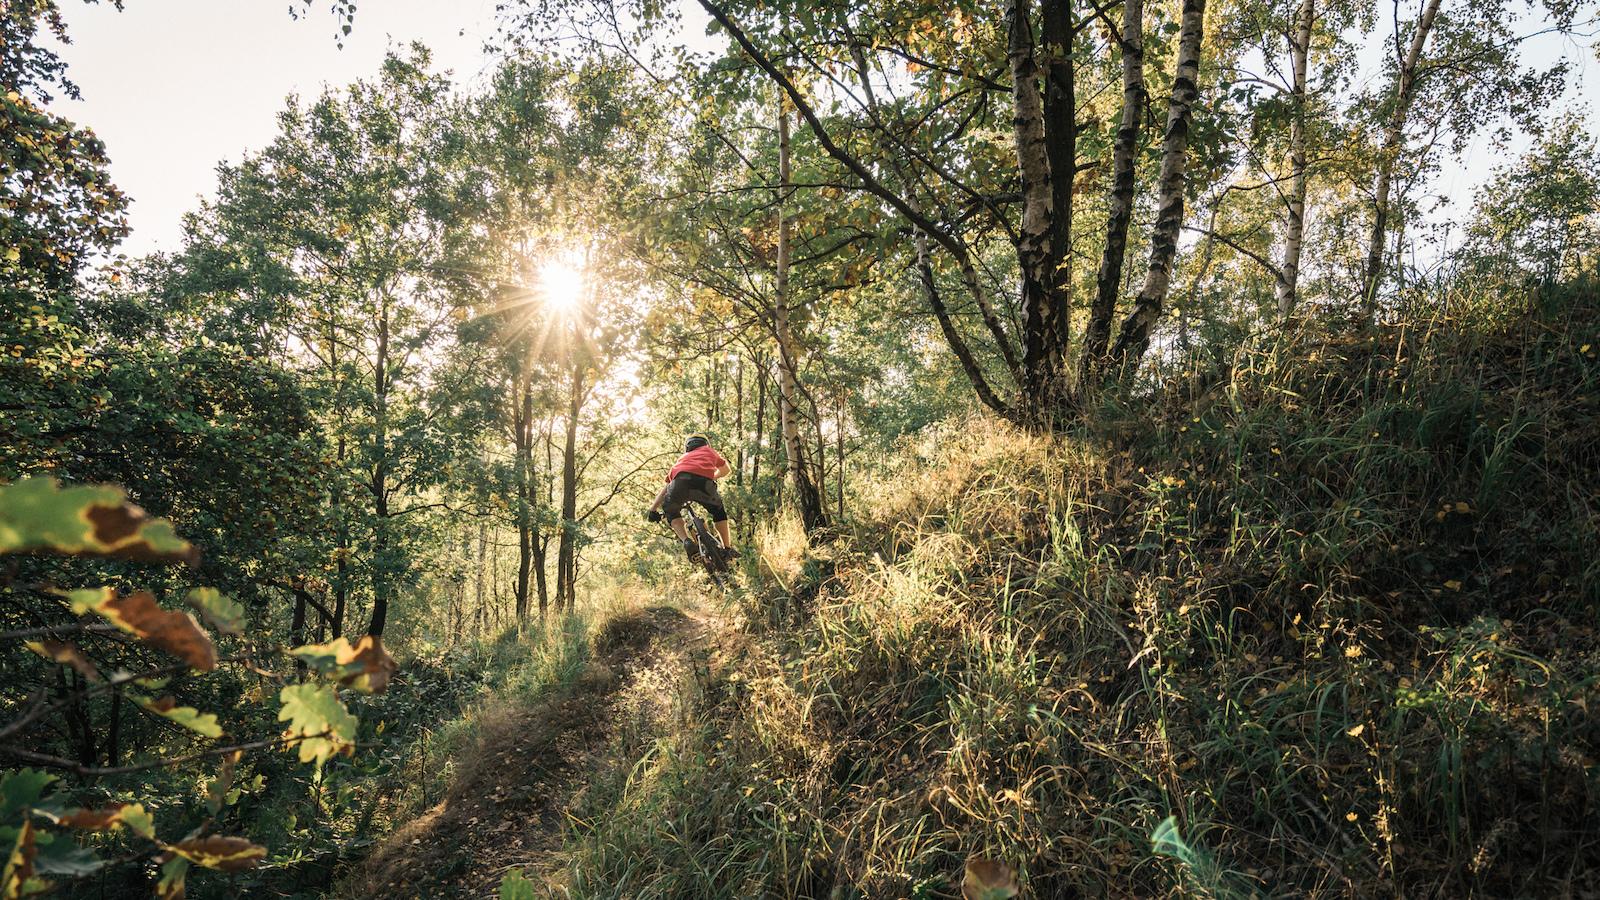 Enduro riding in golden light